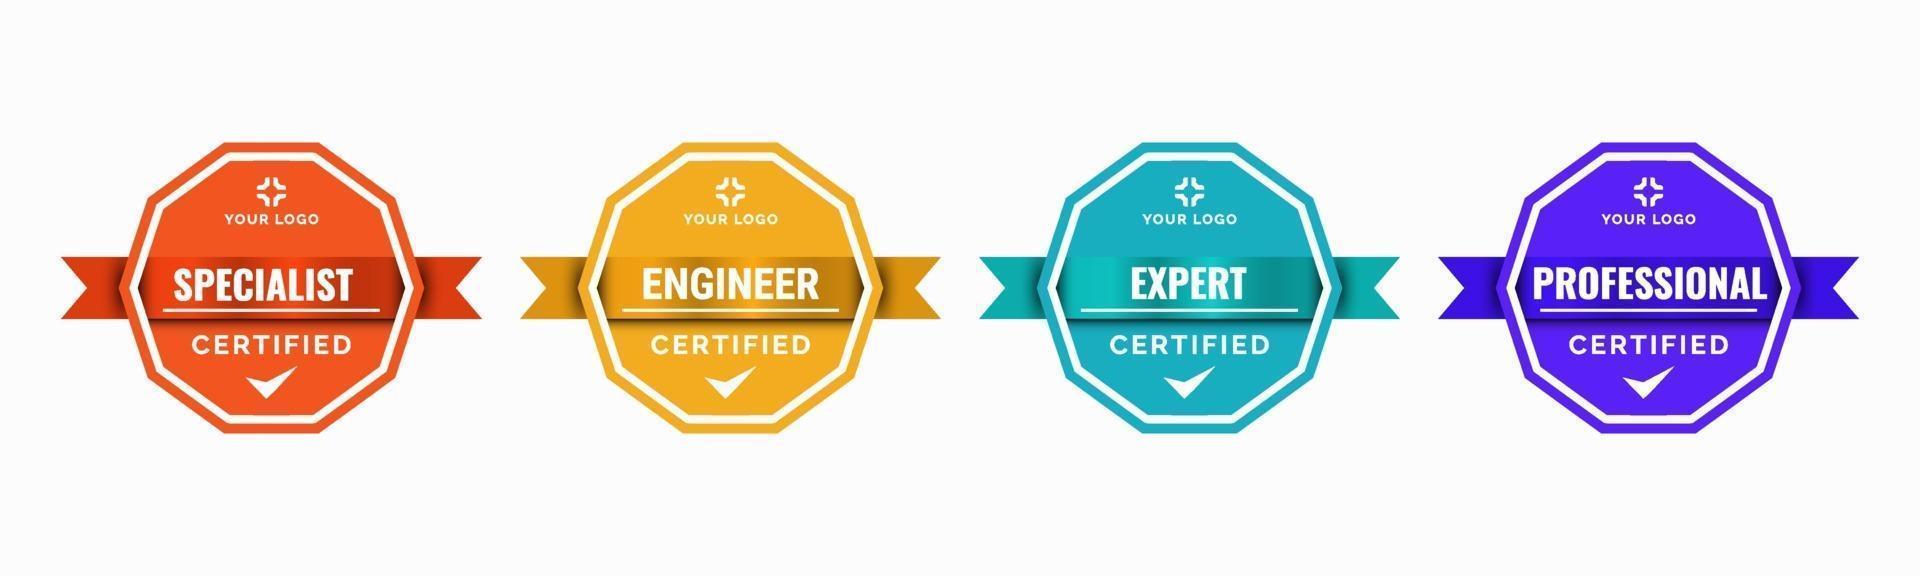 conjunto de certificados de insignia de capacitación de la empresa para determinar en función de criterios. Ilustración de vector colorido vintage moderno verificado estándar.